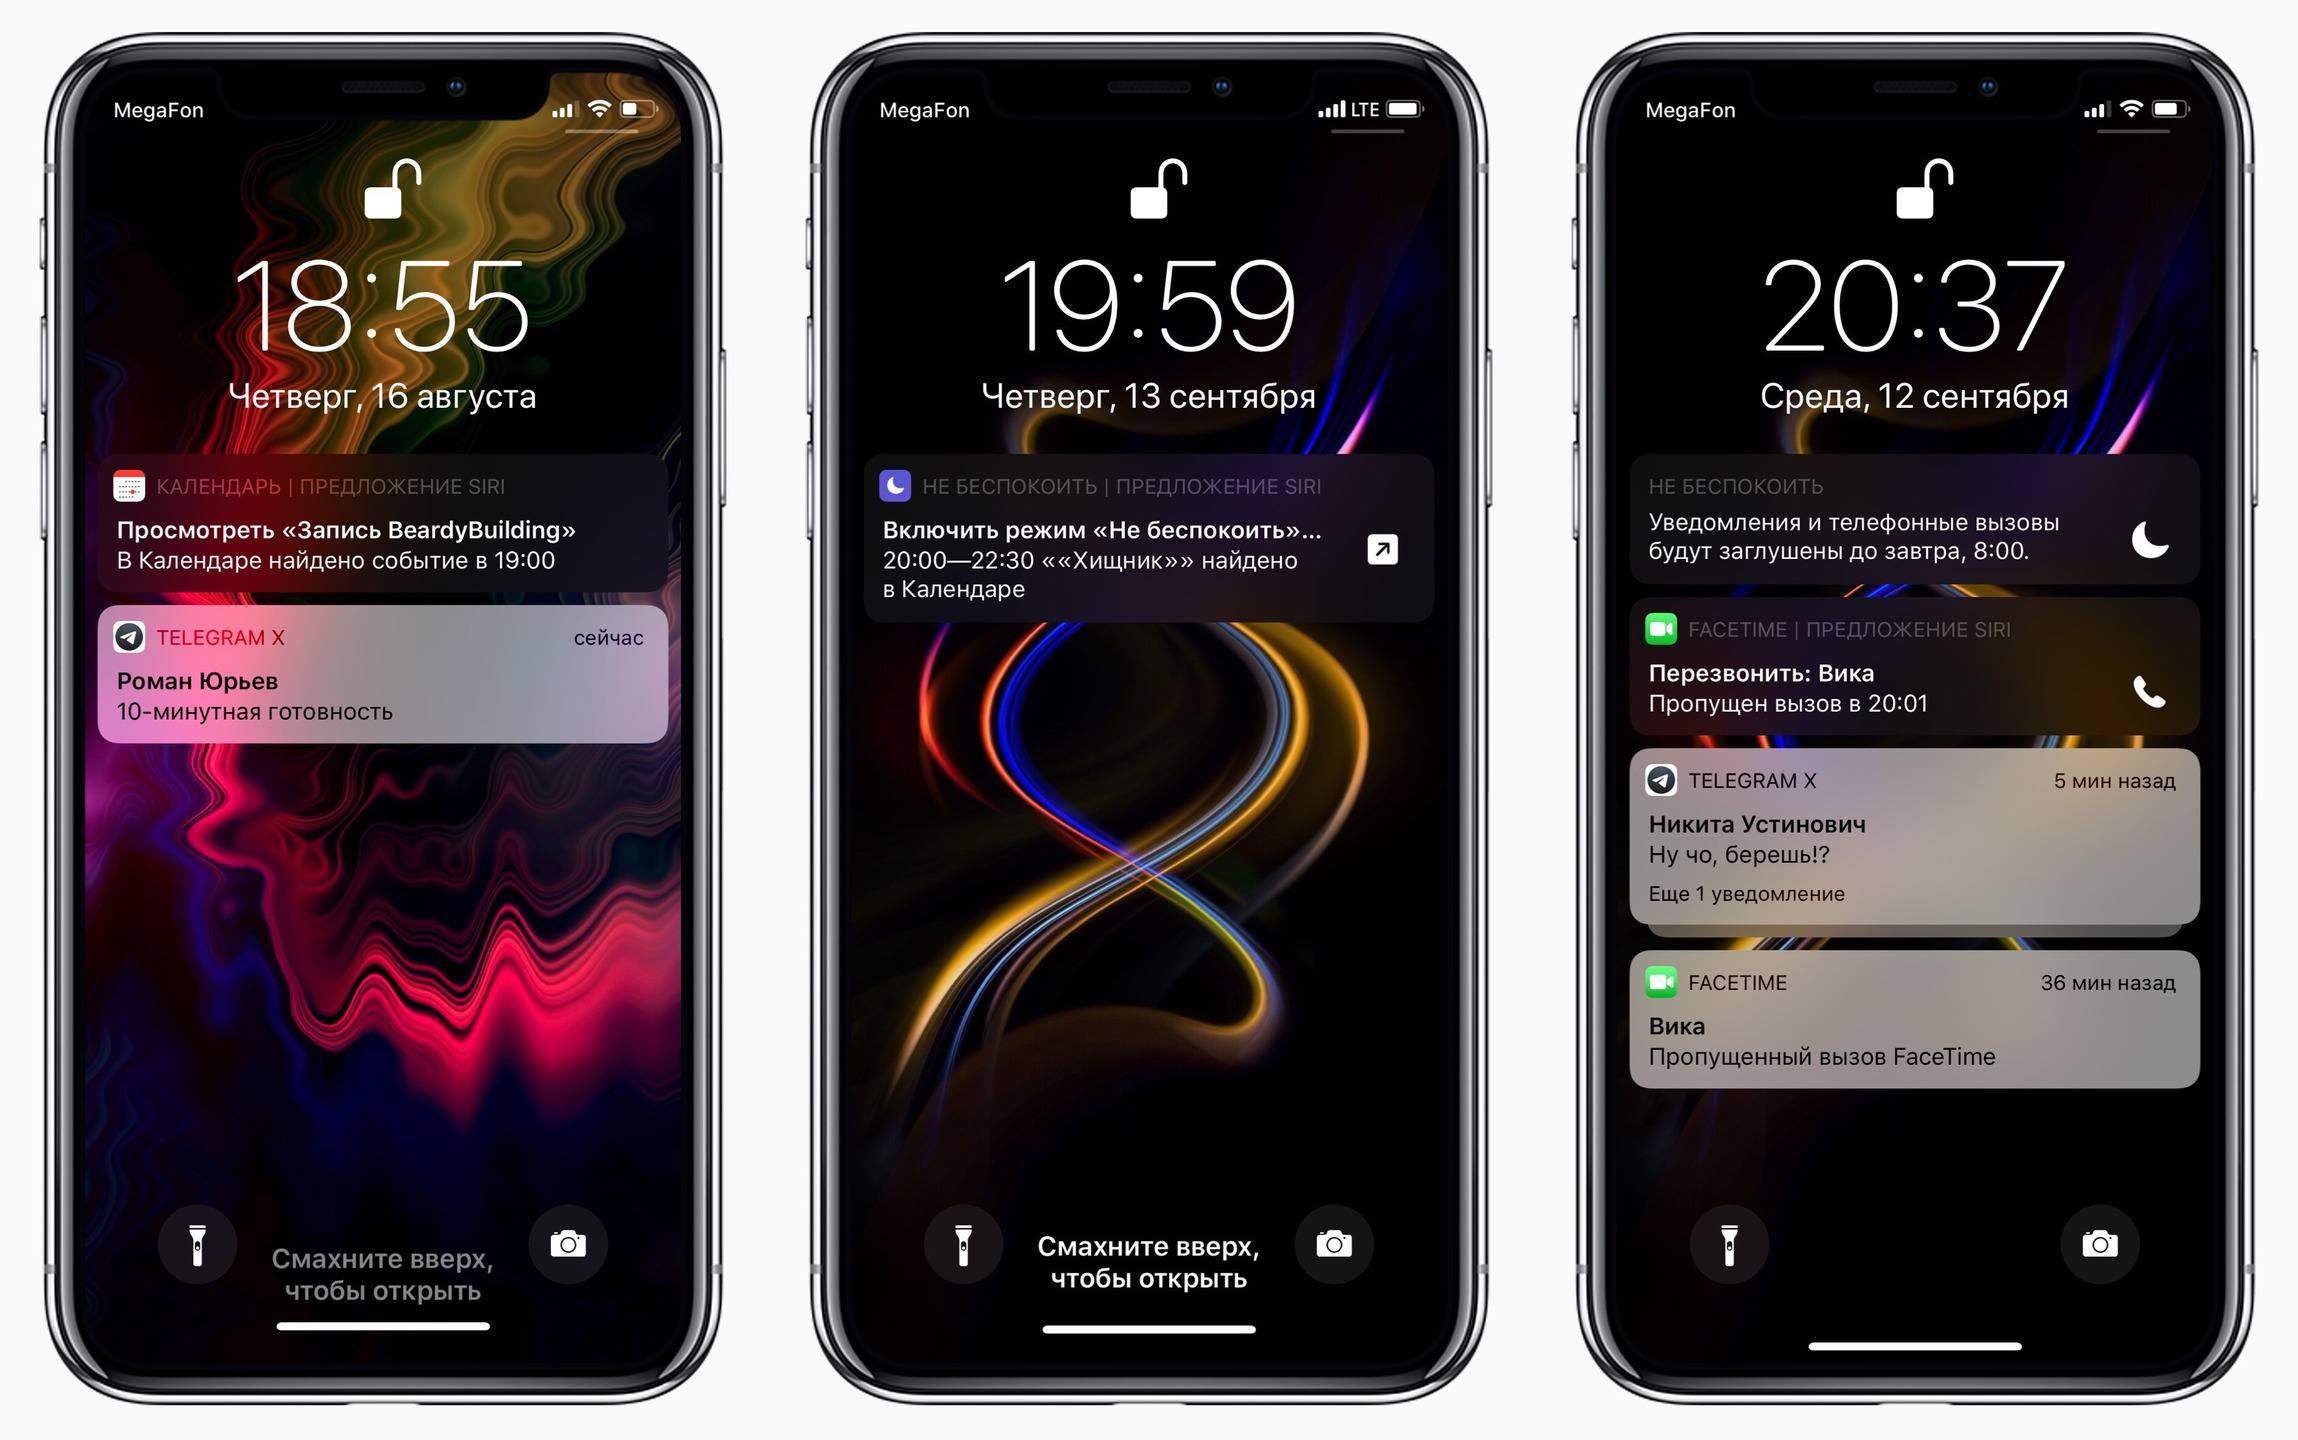 Предложения Siri Shortcuts